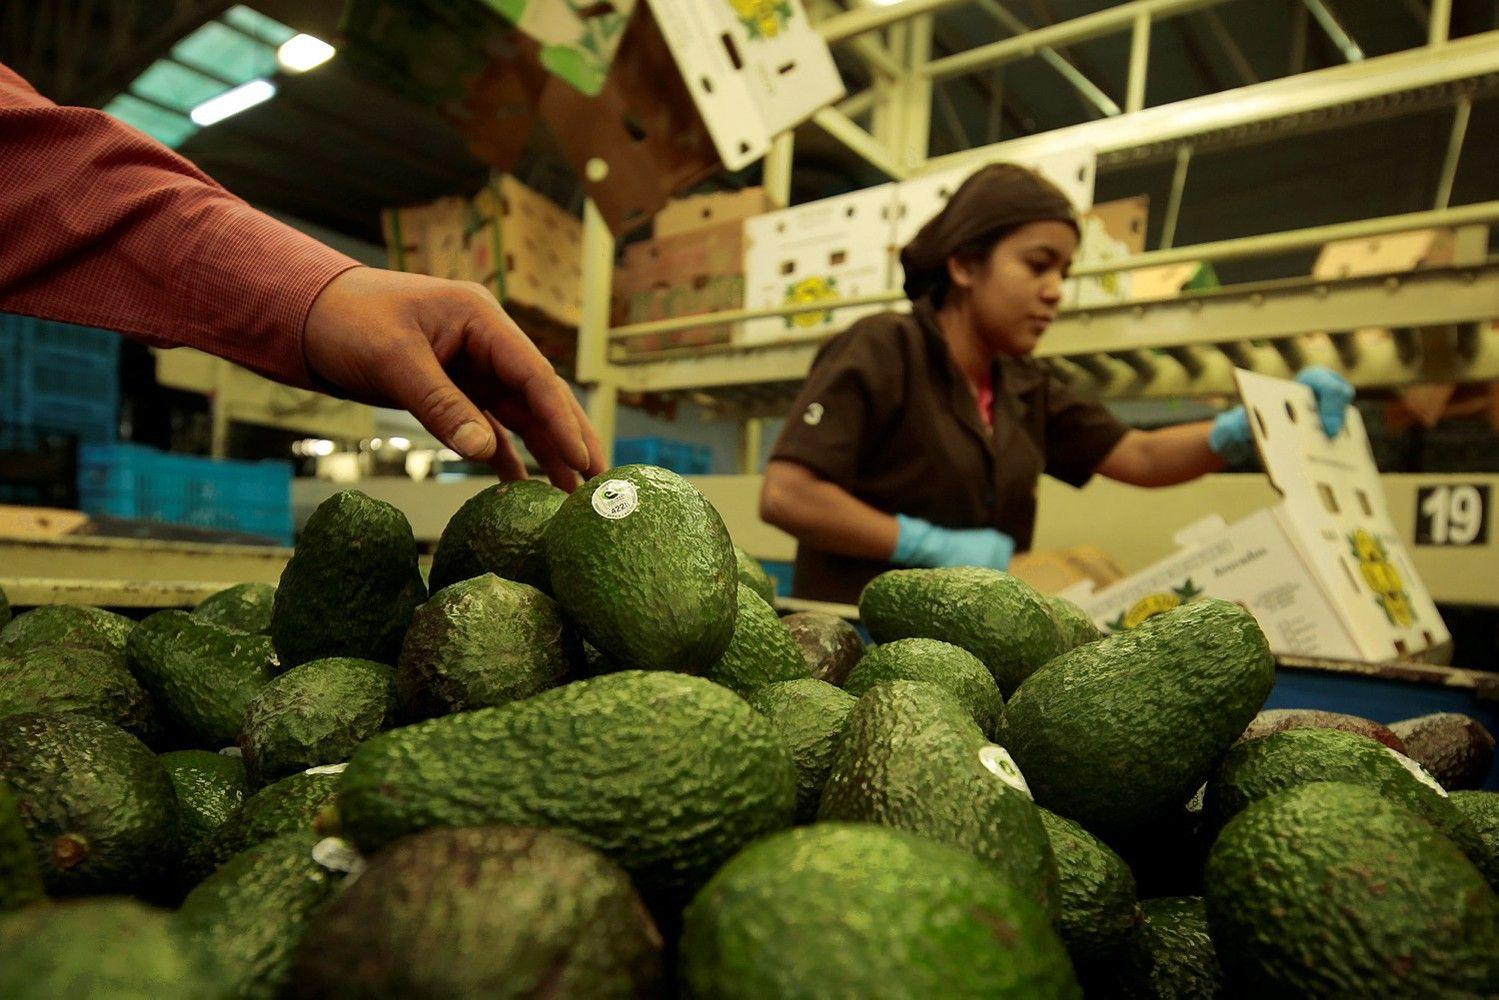 Avokadų kaina kyla į istorines aukštumas